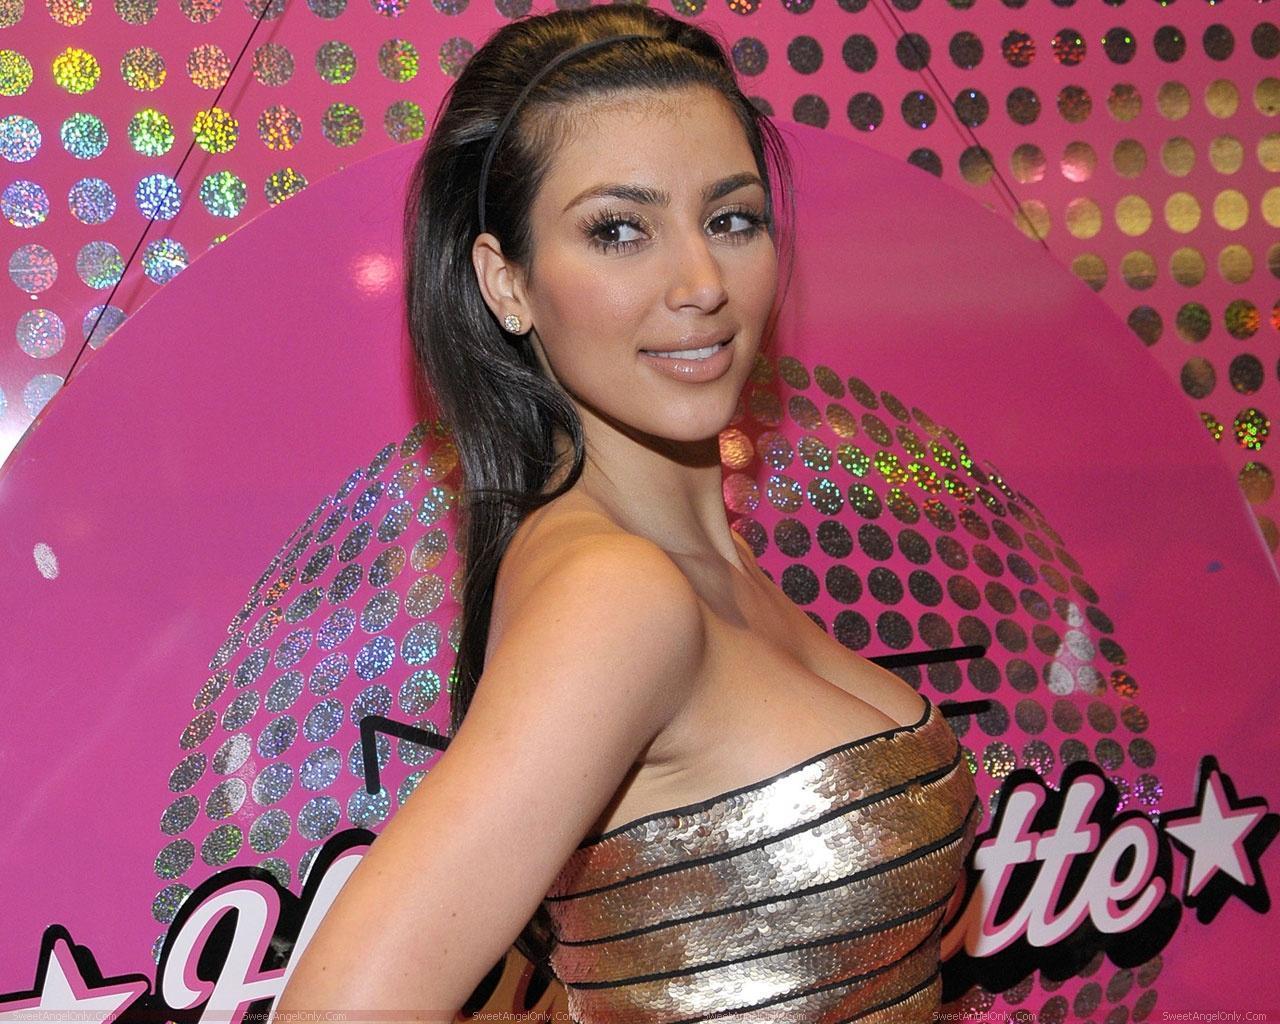 http://2.bp.blogspot.com/-2o5DBv6gszk/TXj6_02AeHI/AAAAAAAAFZ0/Yyvn3BXrNfA/s1600/actress_kim_kardashian_hot_wallpaper_sweetangelonly_16.jpg